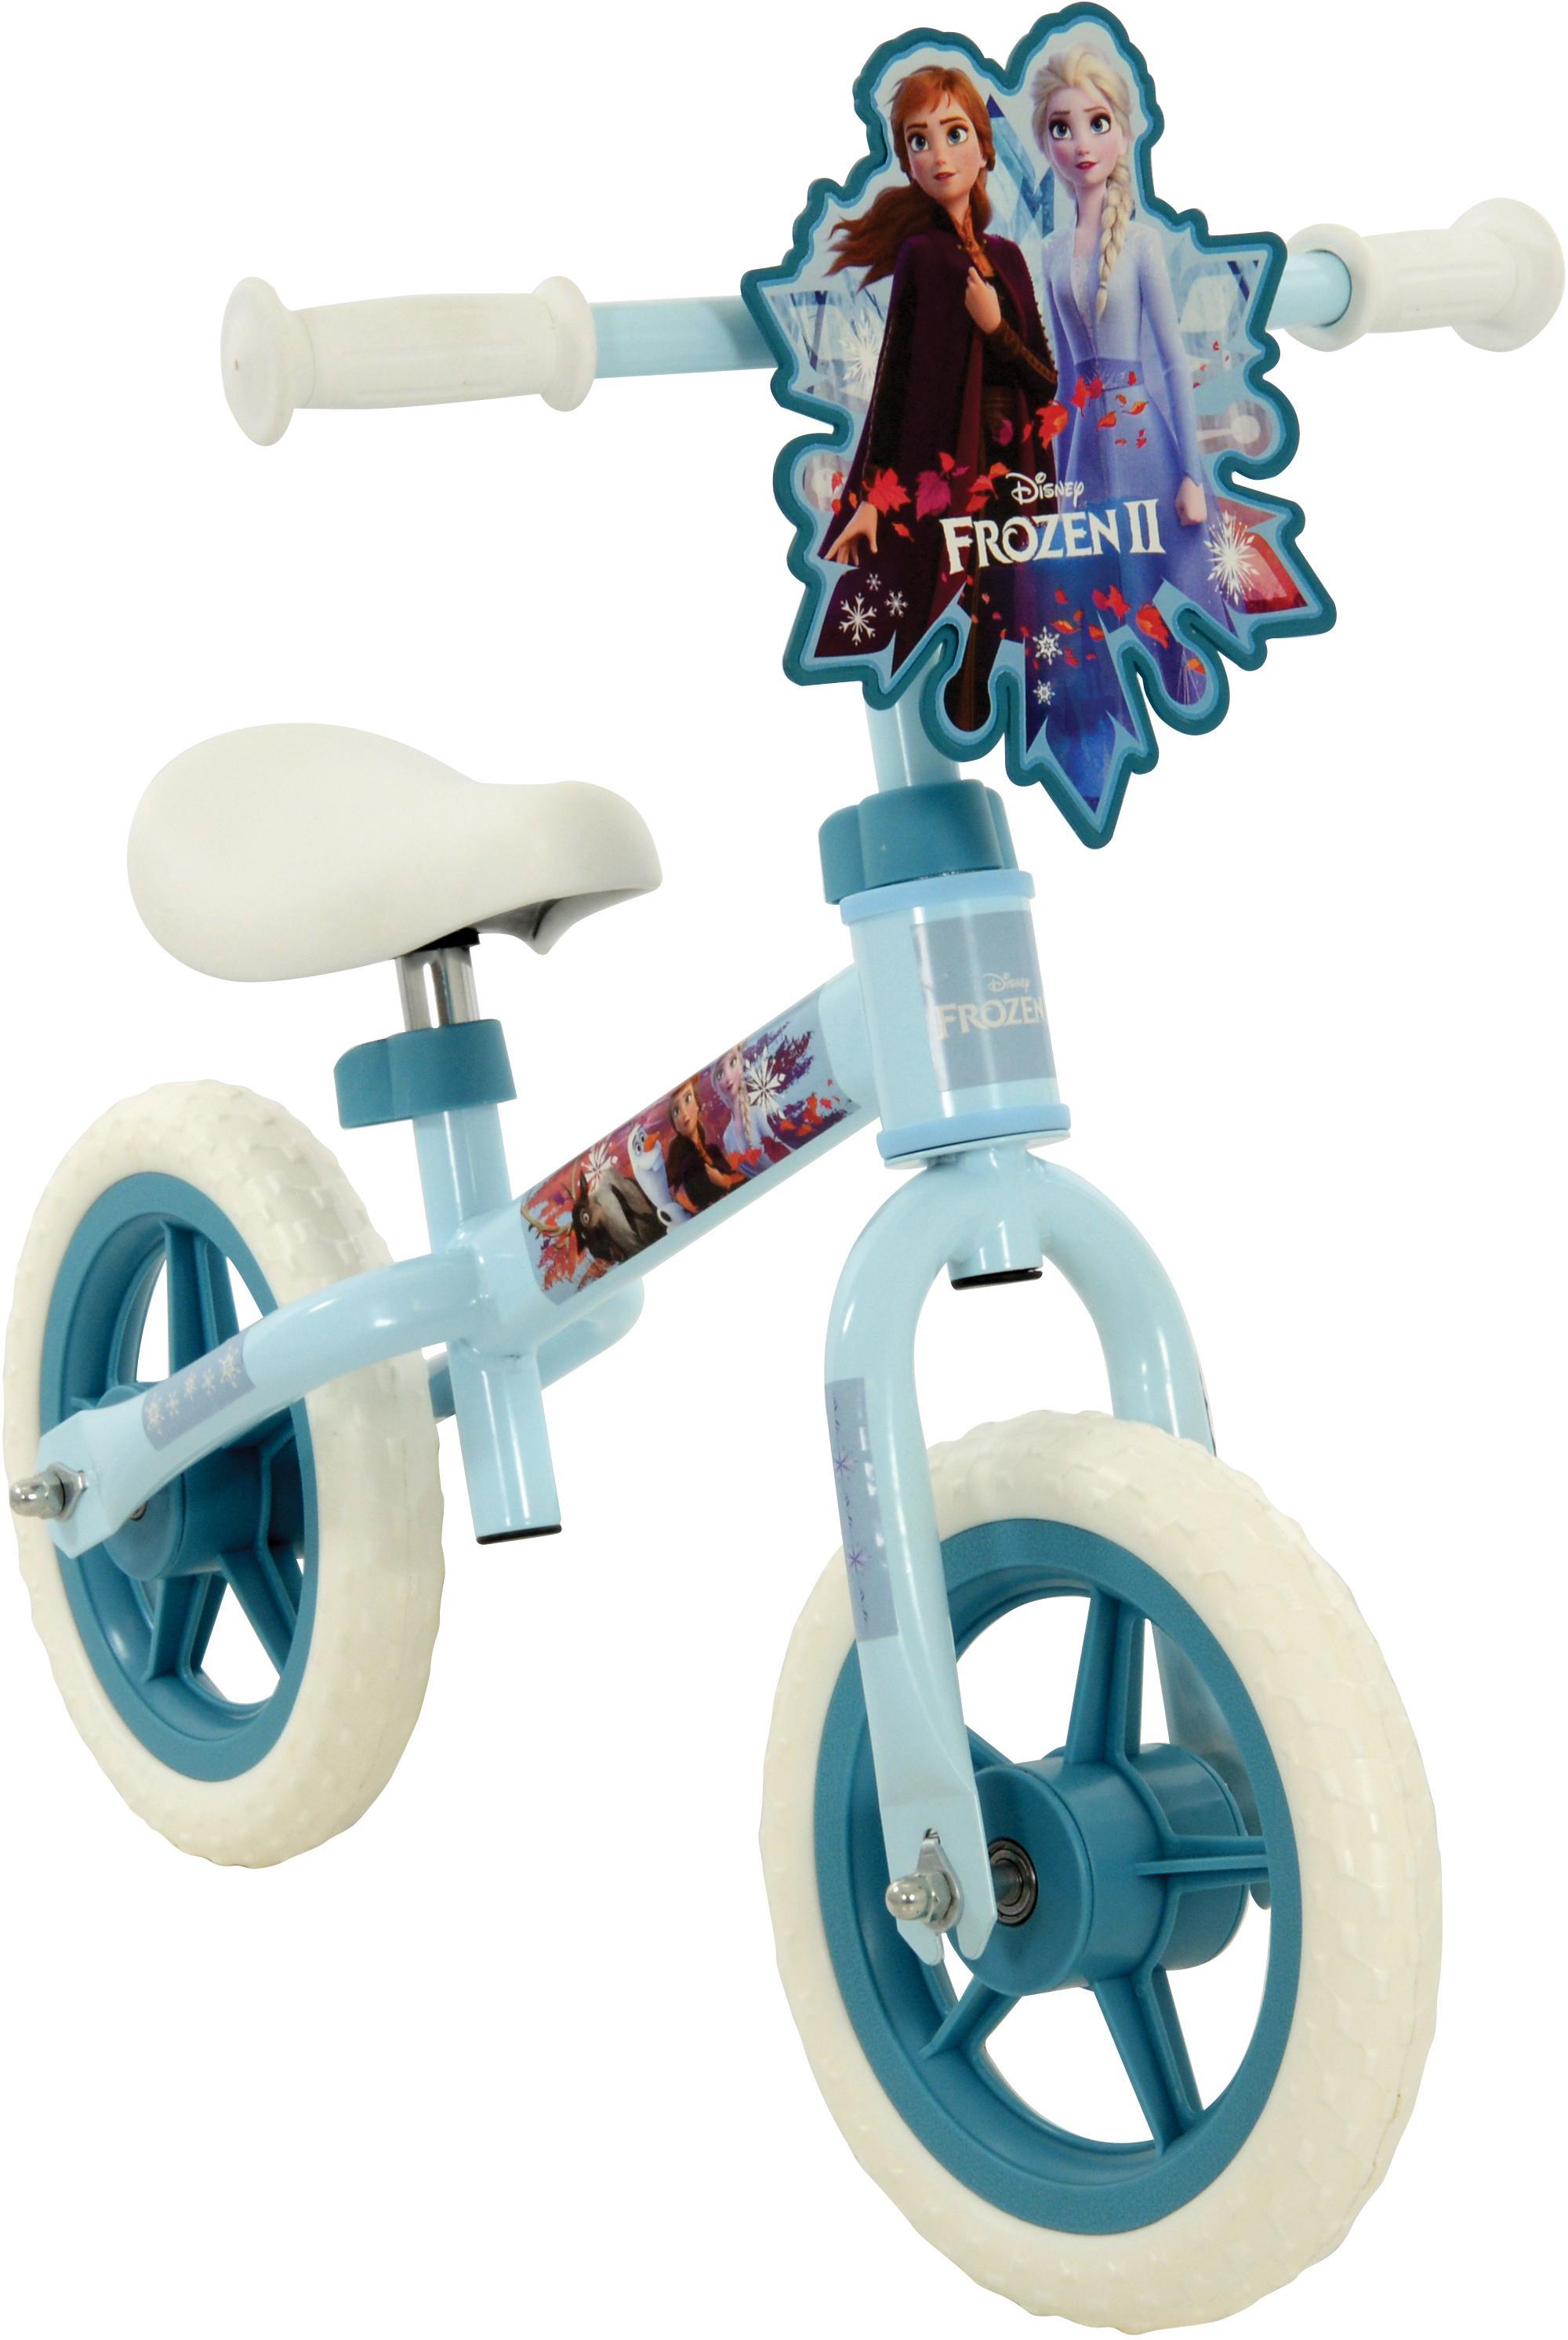 Frozen 2 Balance Bike   10 Inch Wheel